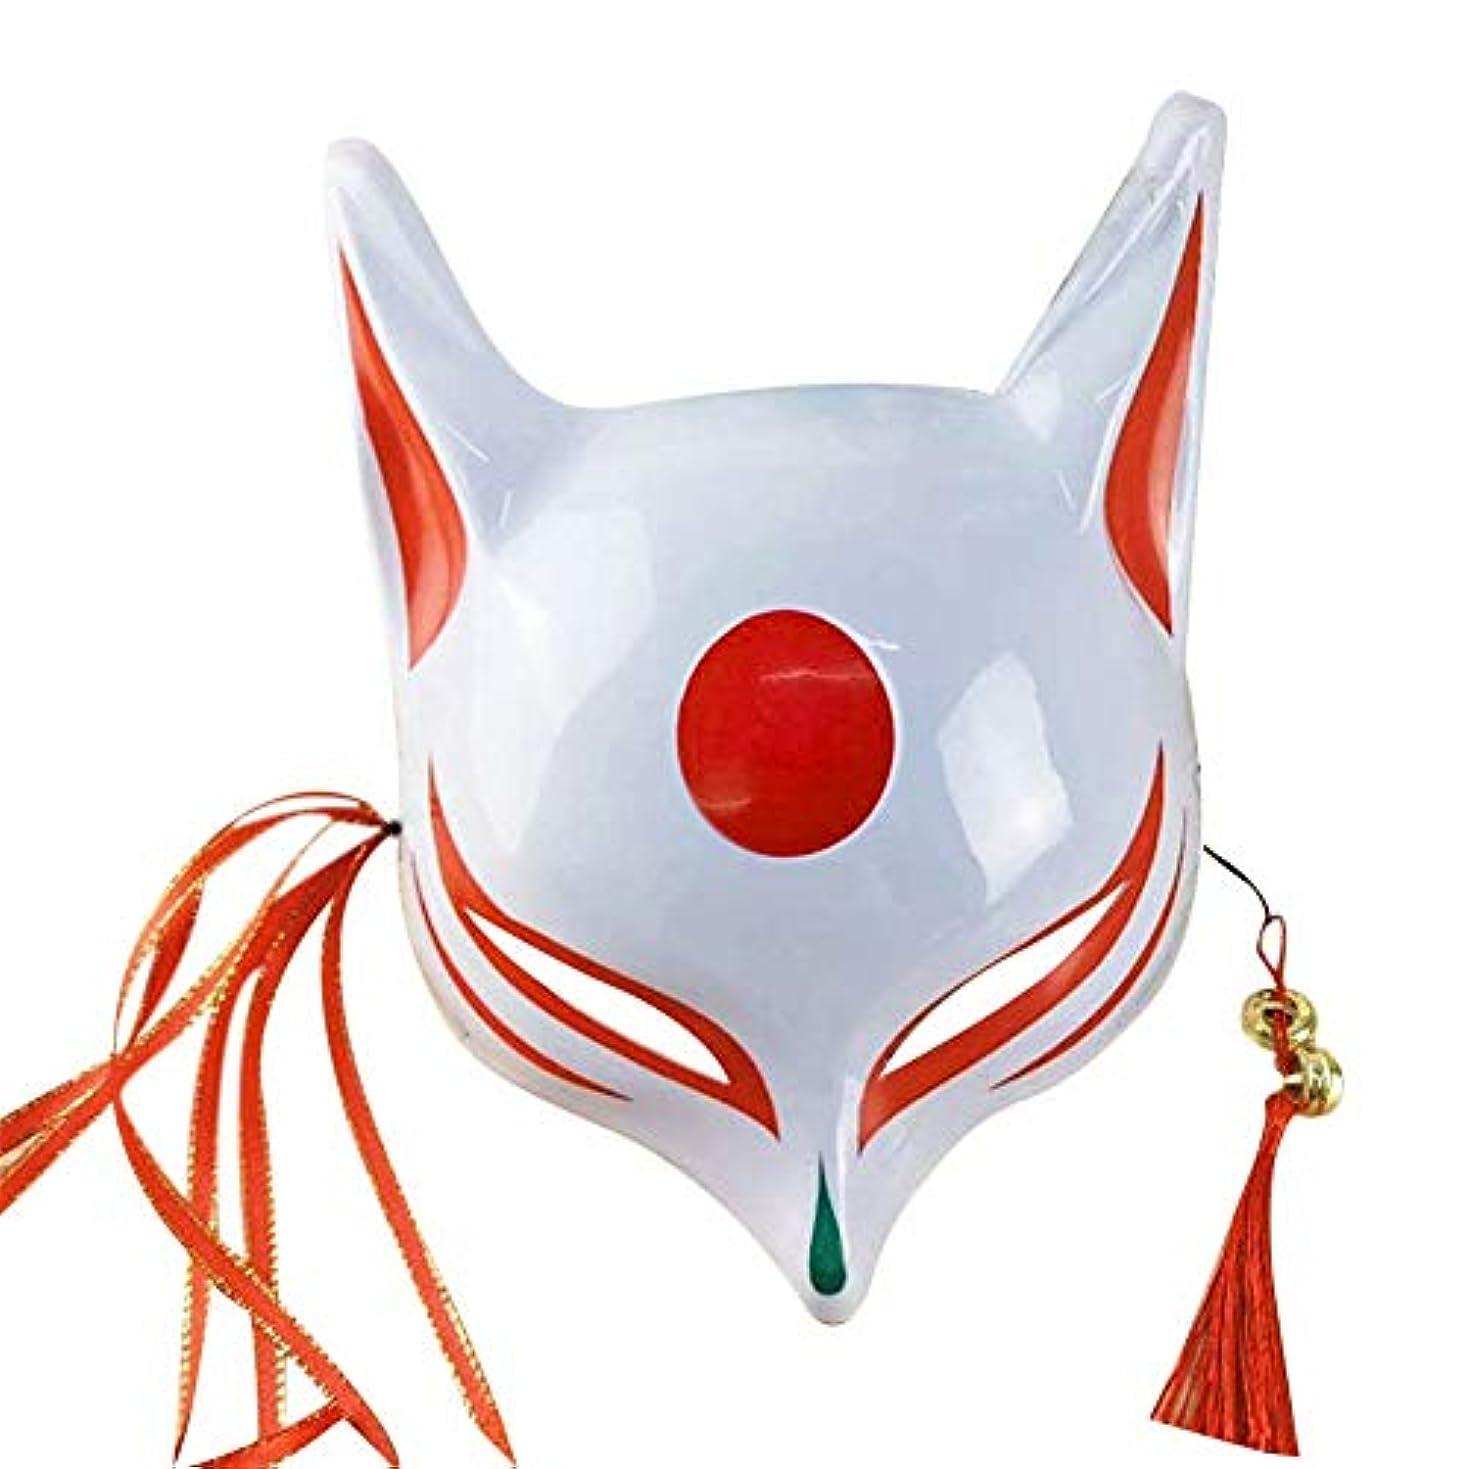 悲鳴溶けた衝撃KISSION手描きのマスクフォックスハーフフェイスマスクロールプレイ仮装ドレスアップ マスクバーパーティー キツネの妖精の半分の顔 和風の手描き